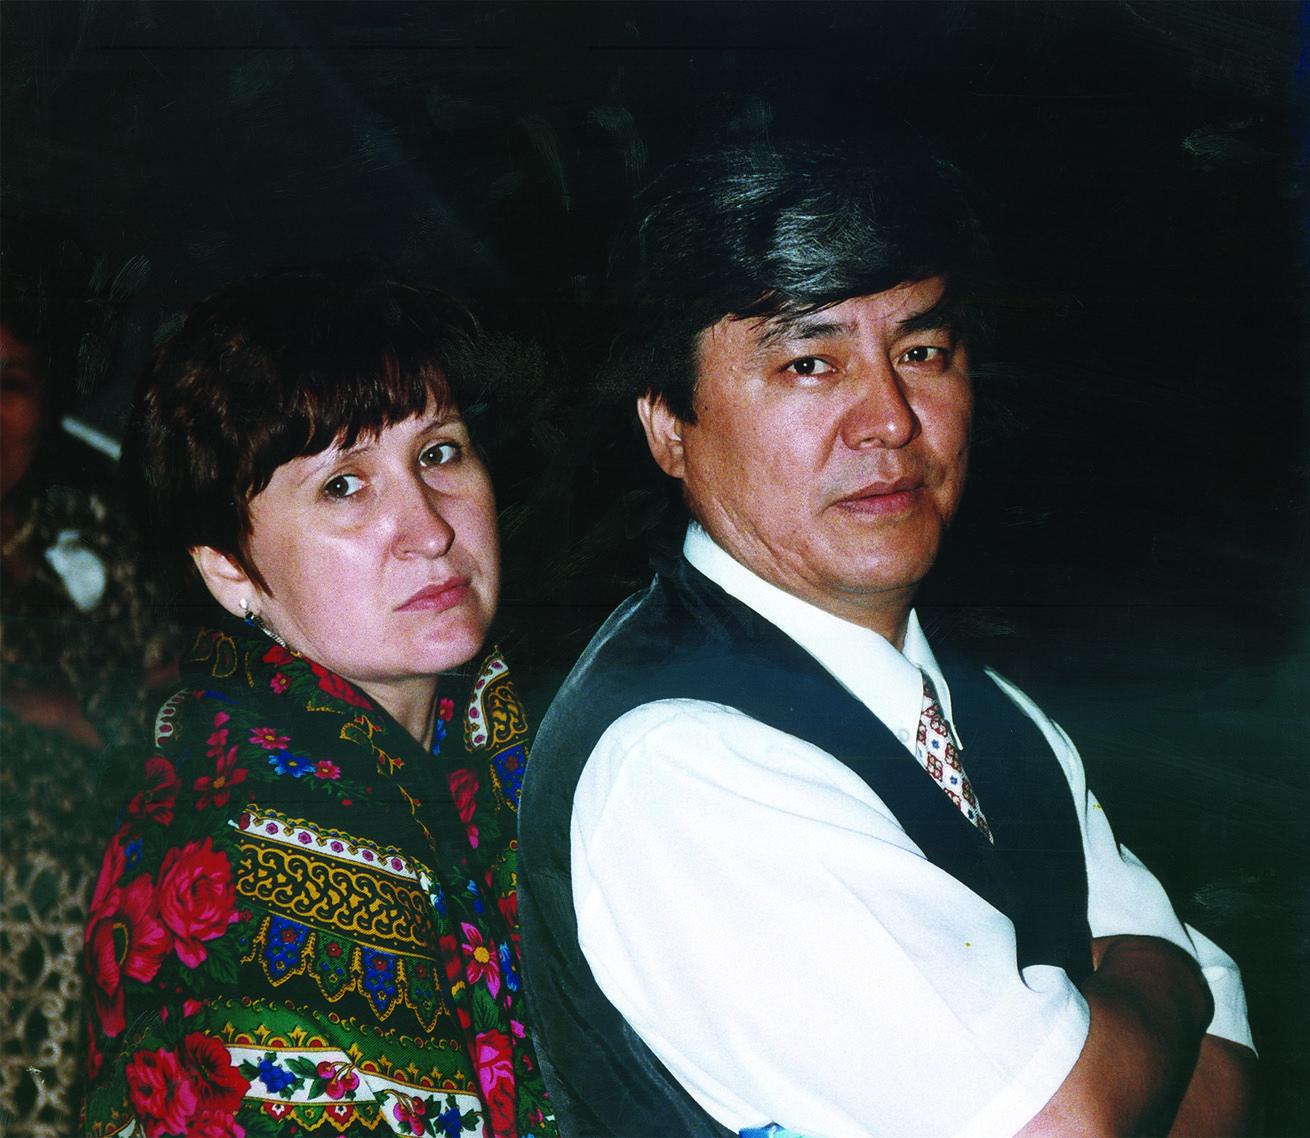 Народный артист КР, композитор, ректор Кыргызской Национальной консерватории Муратбек Бегалиев